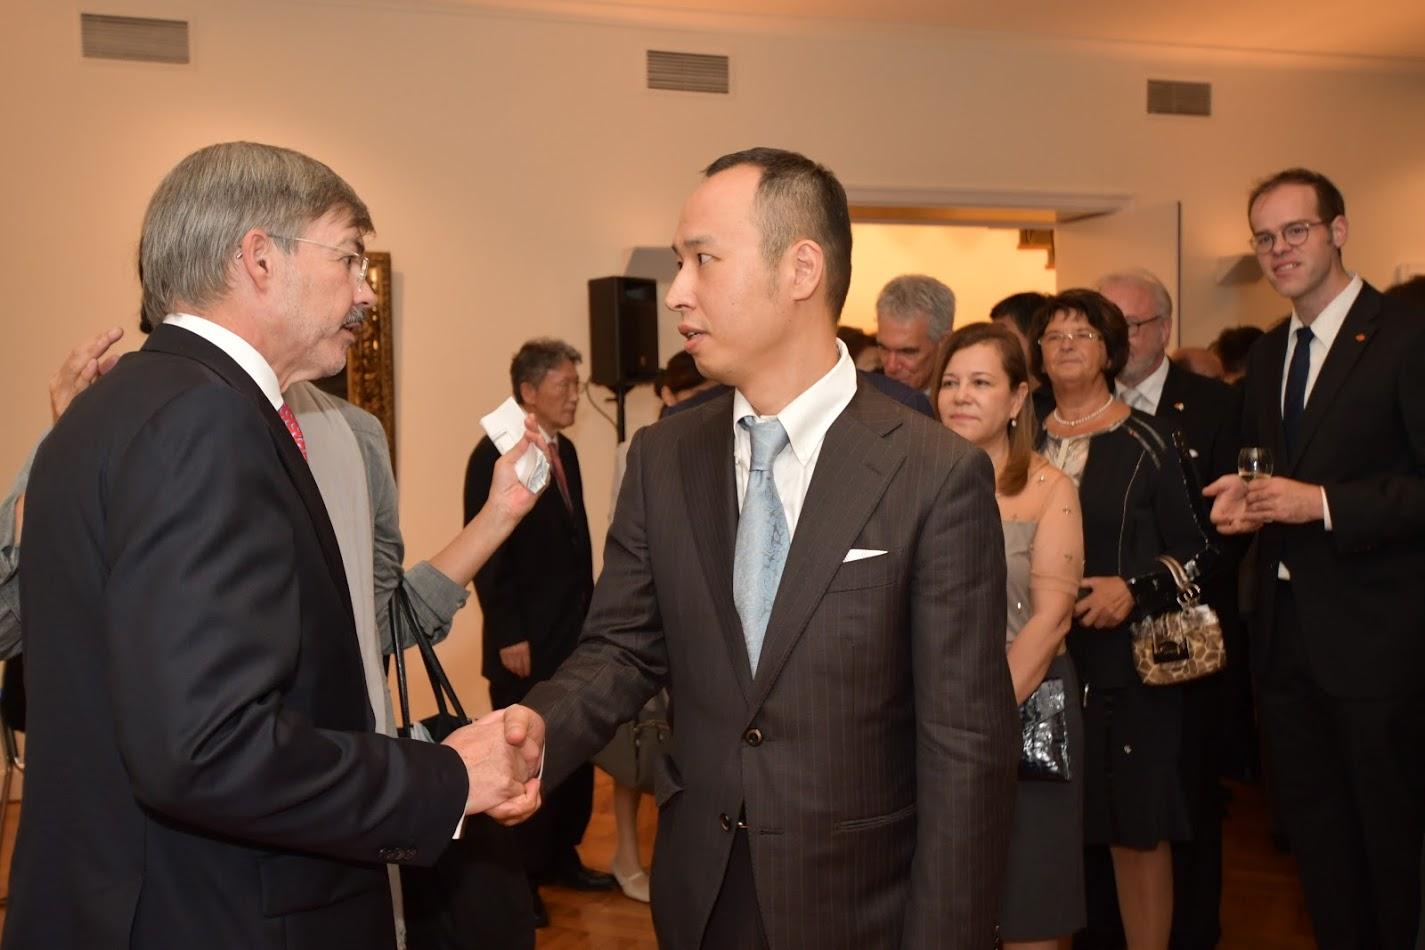 尾嵜豪と駐日ドイツ大使ハンス・カール・フォン・ヴェアテルン氏が握手